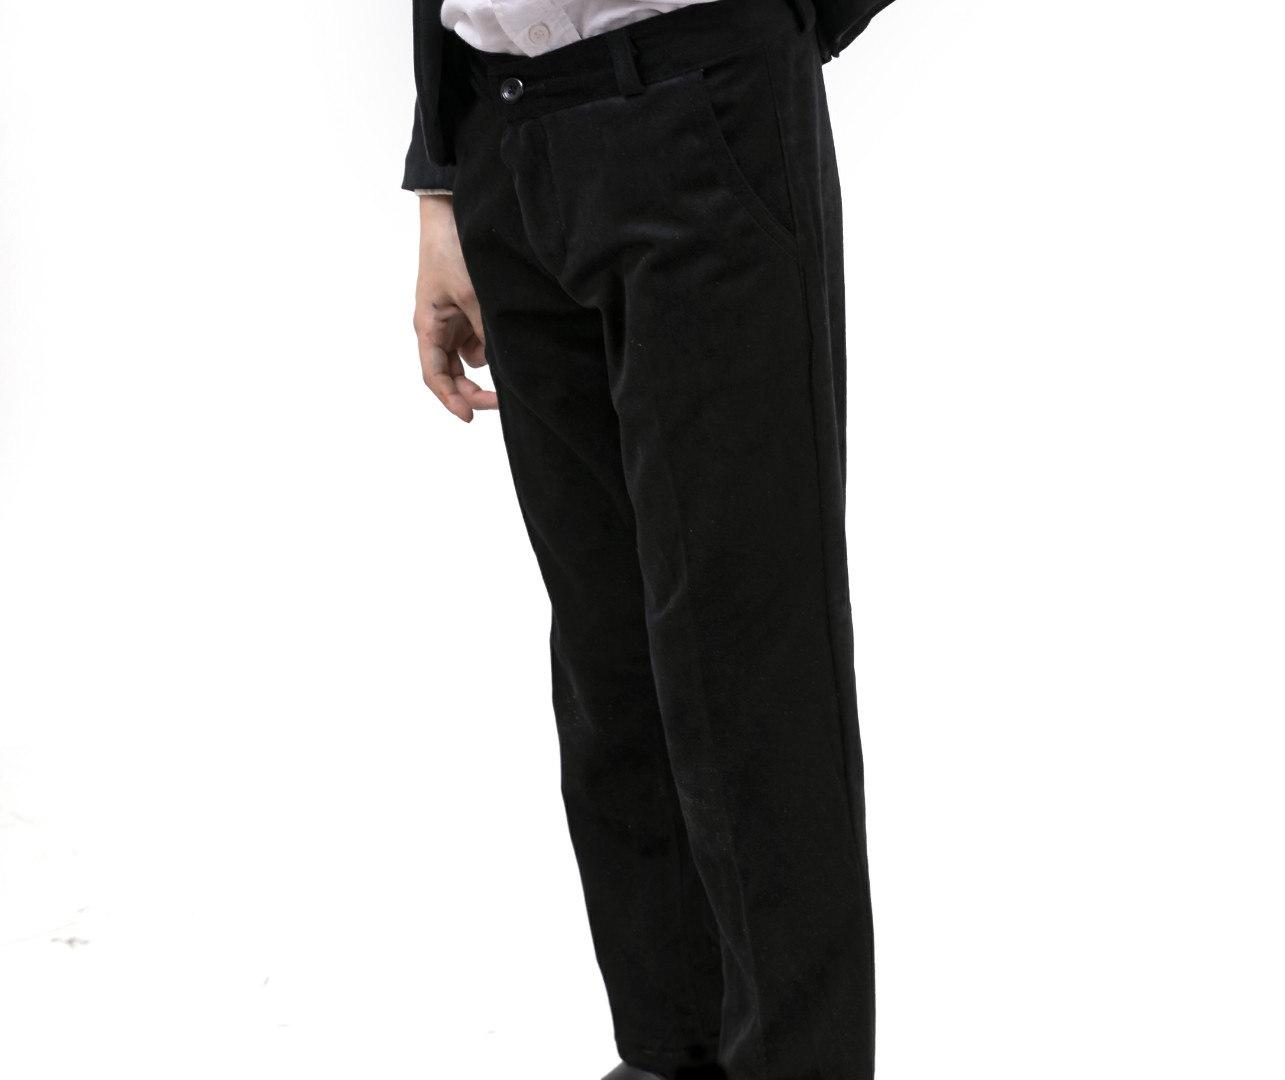 מכנס קטיפה  malaya | מאליה אופנת ילדים